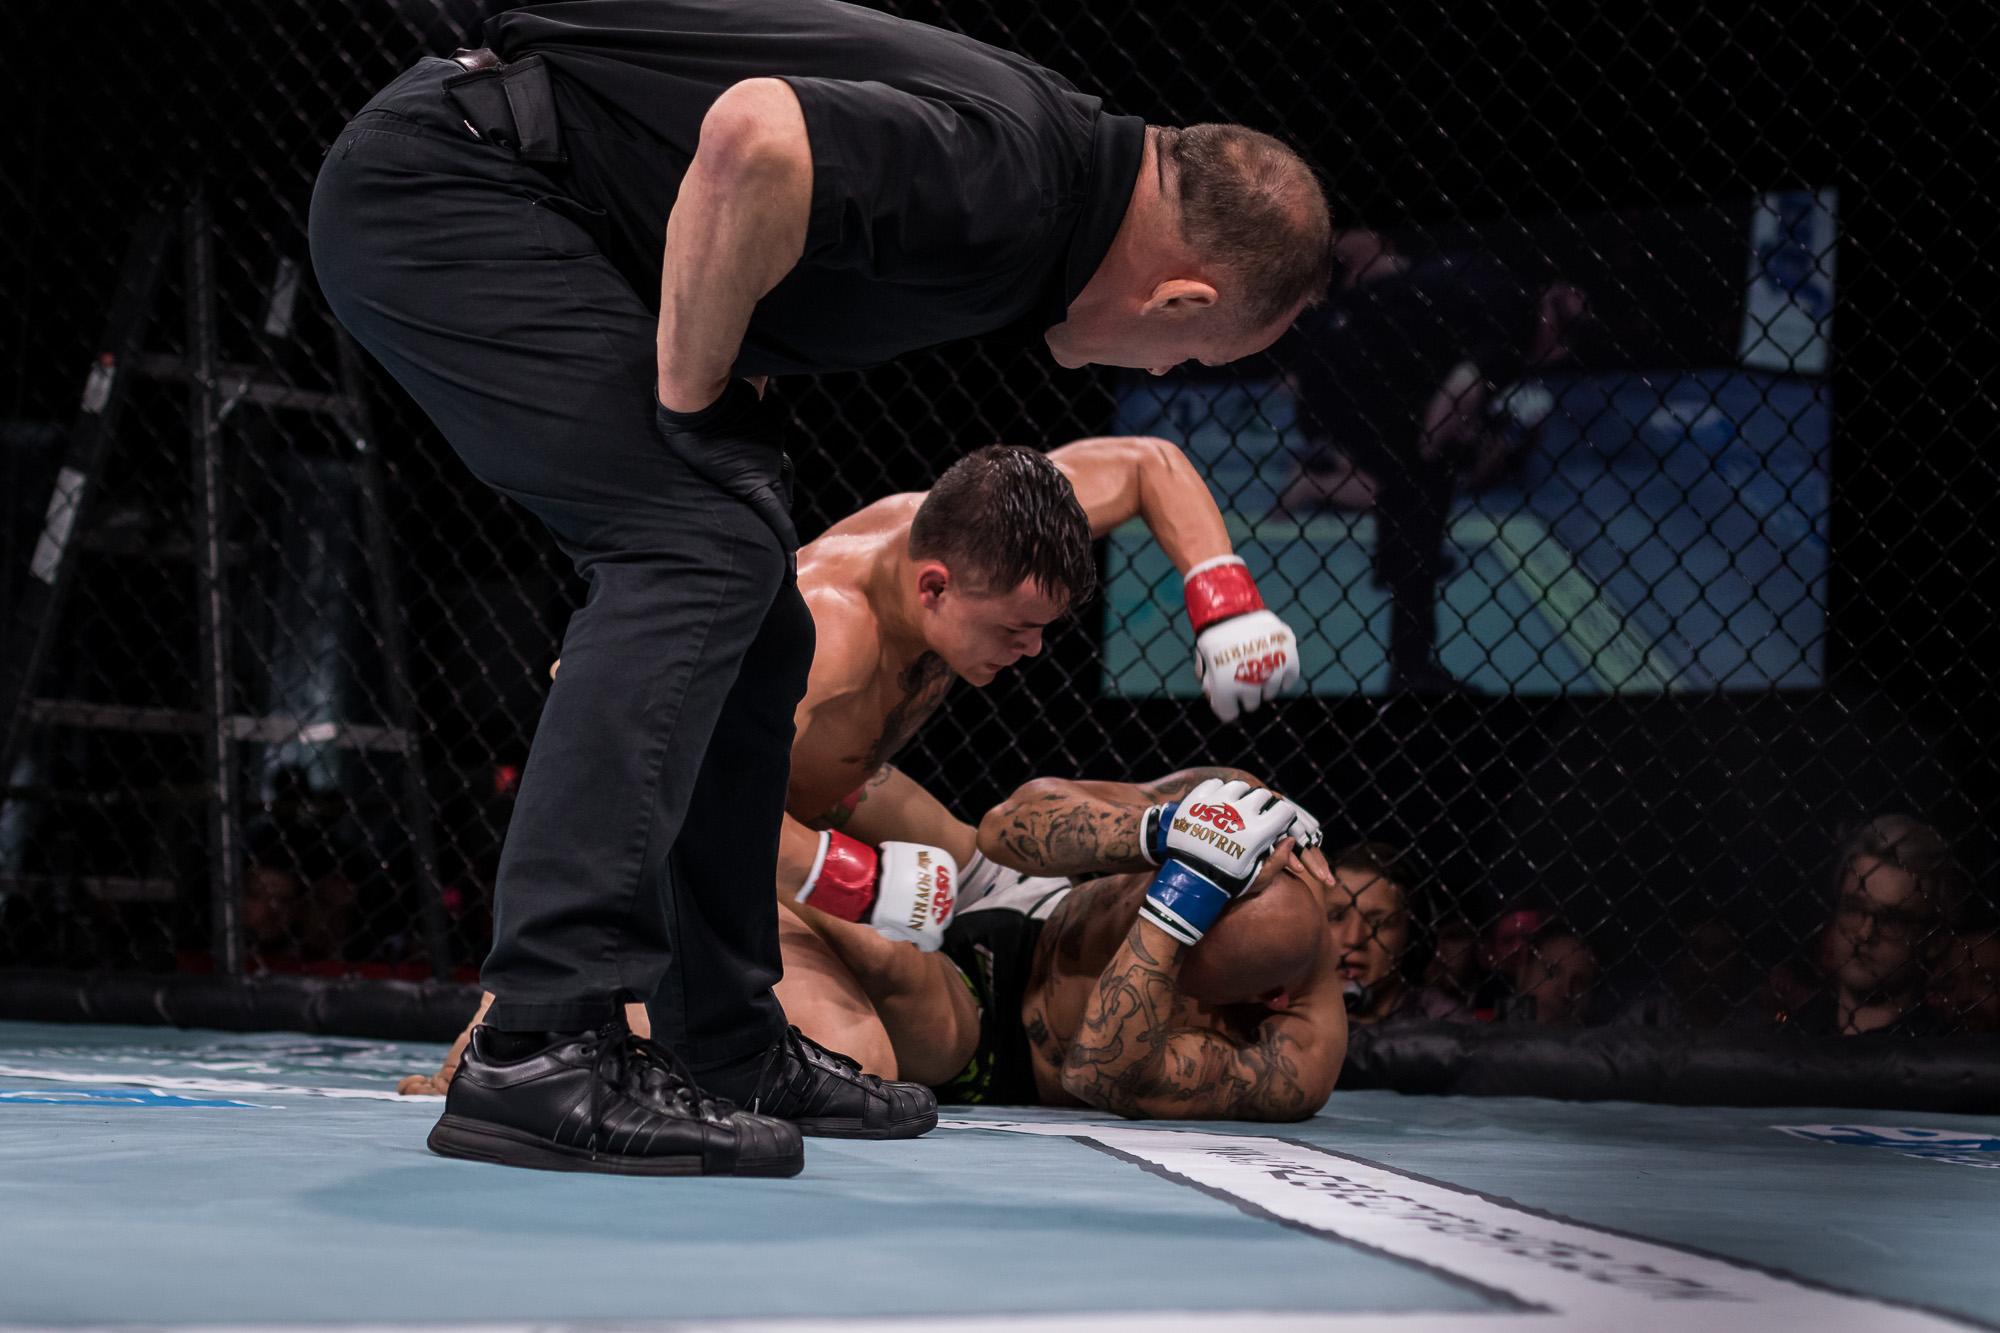 Fight #8 - Tony Laramie vs. Darren Mima